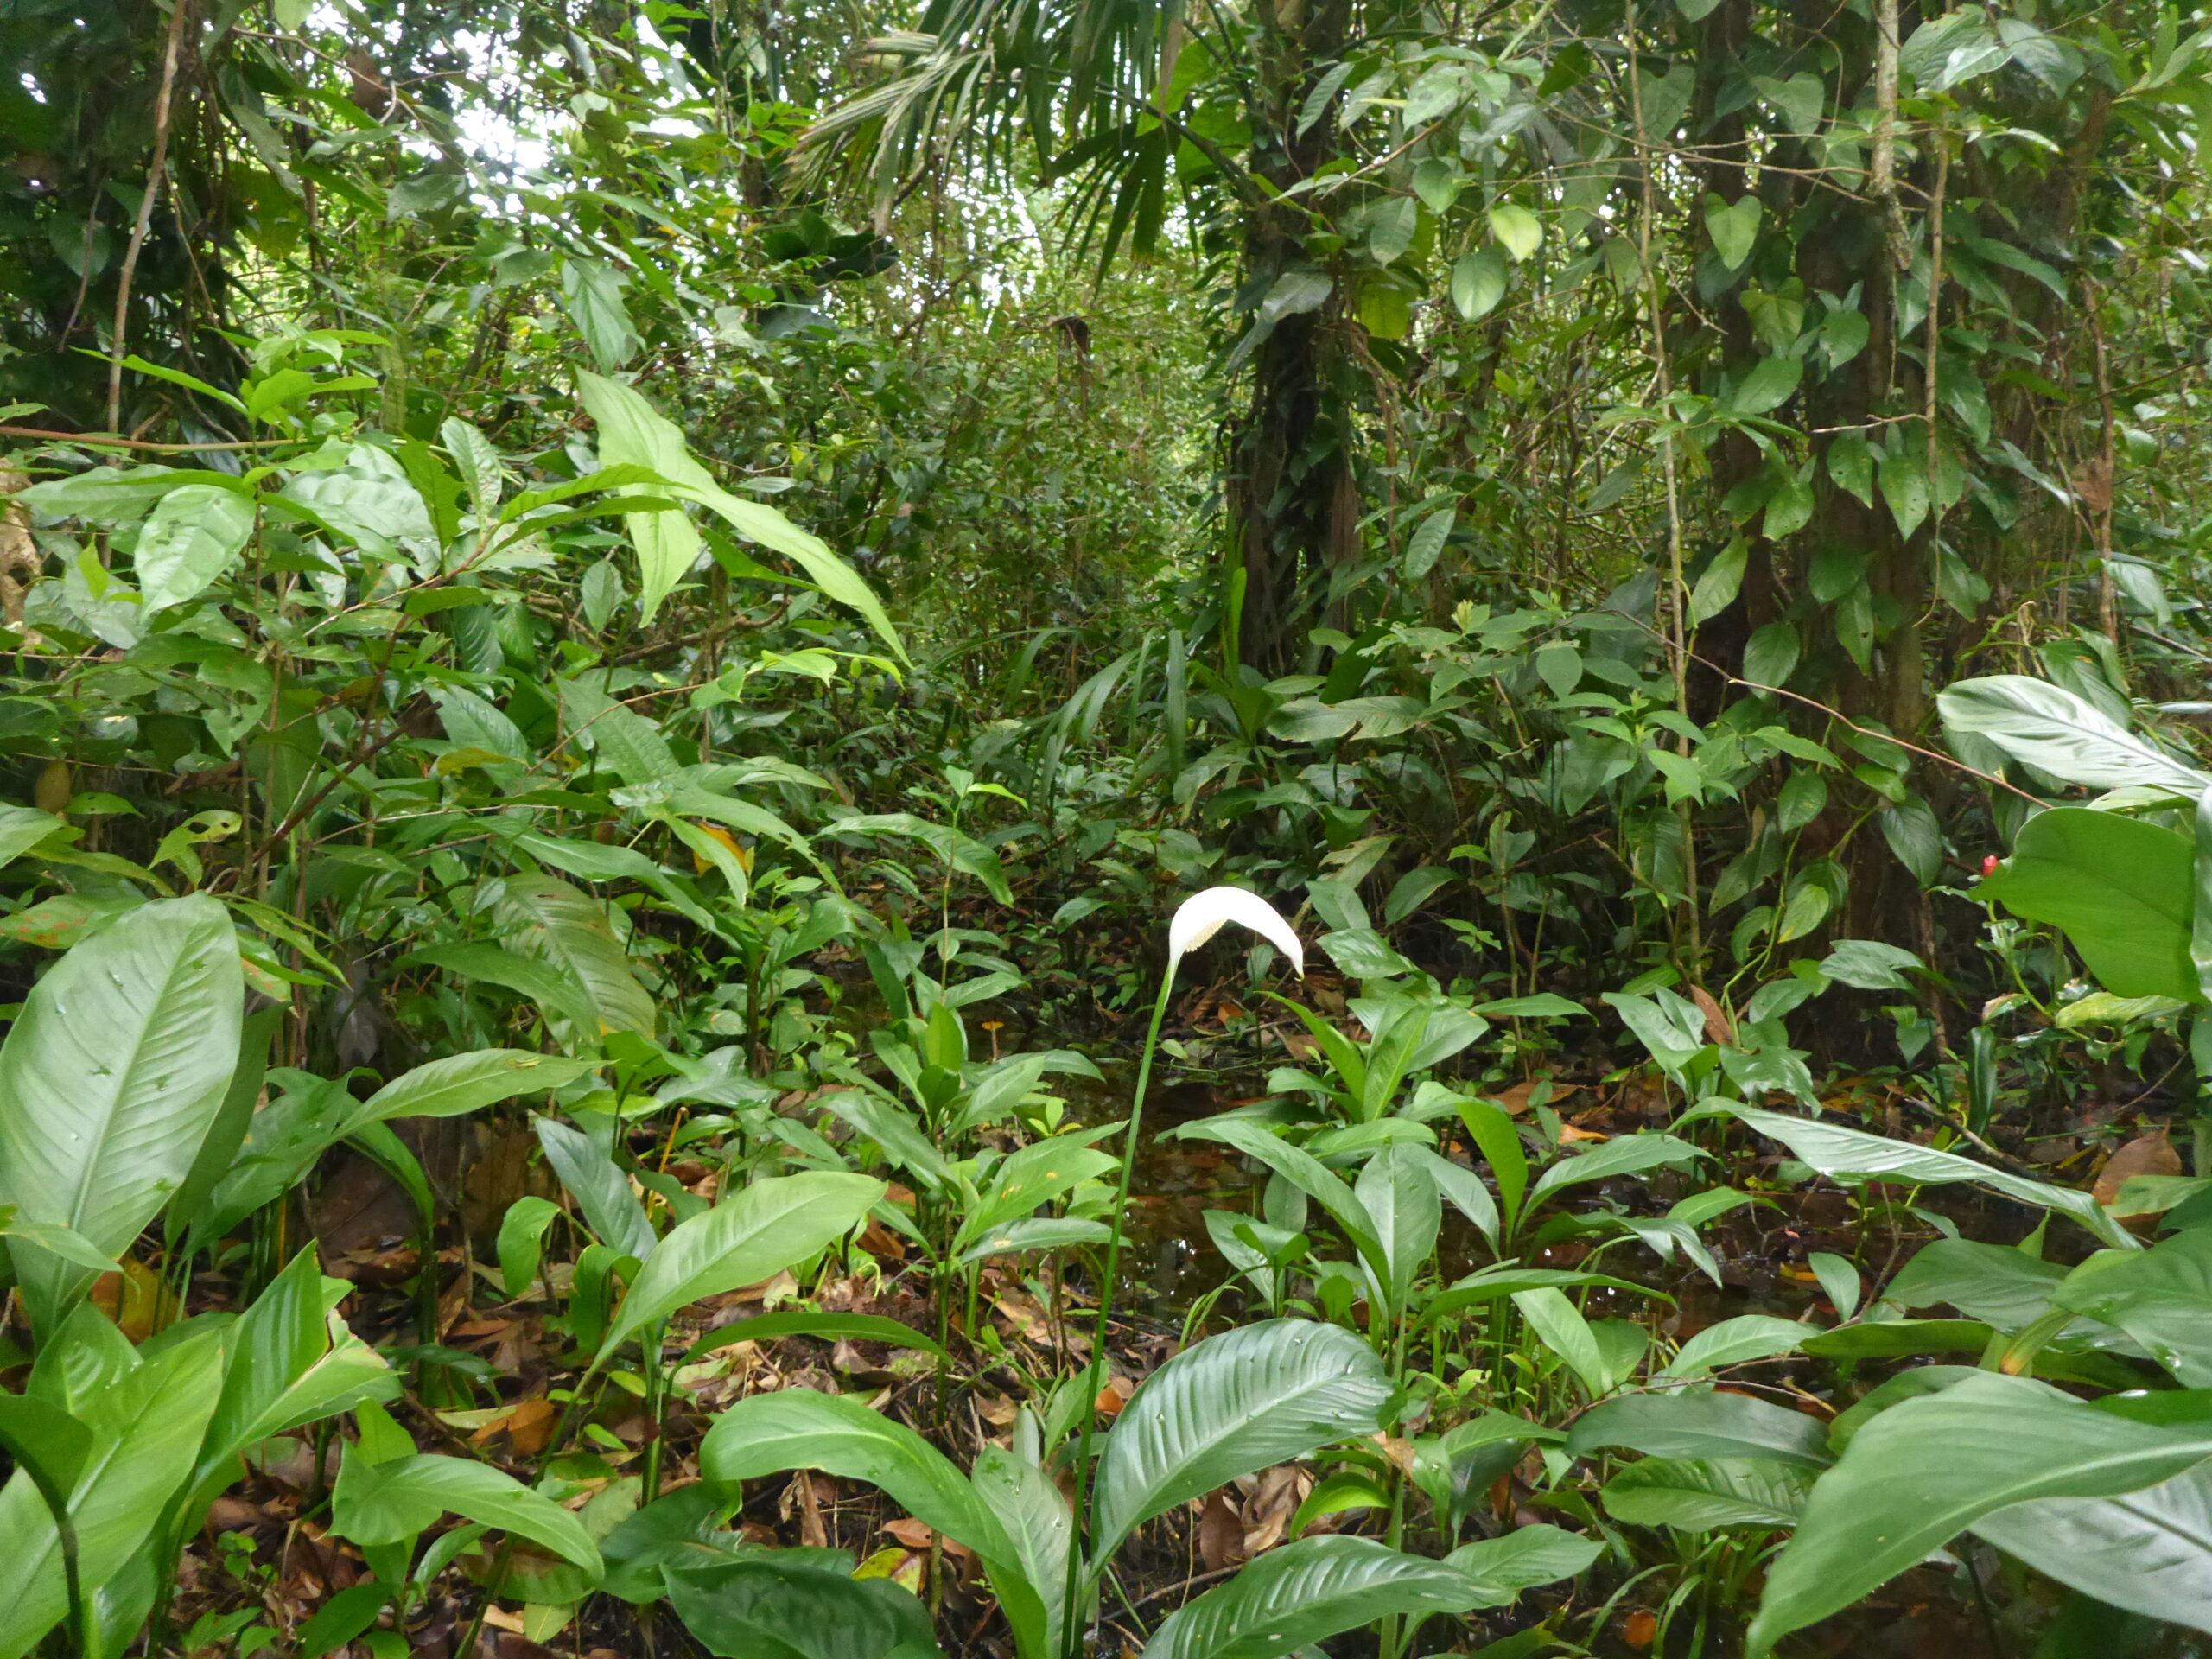 Biotope of Oophaga pumilio on Escudo de Veraguas, Bocas del Toro, Panama - by E. Van Heygen.